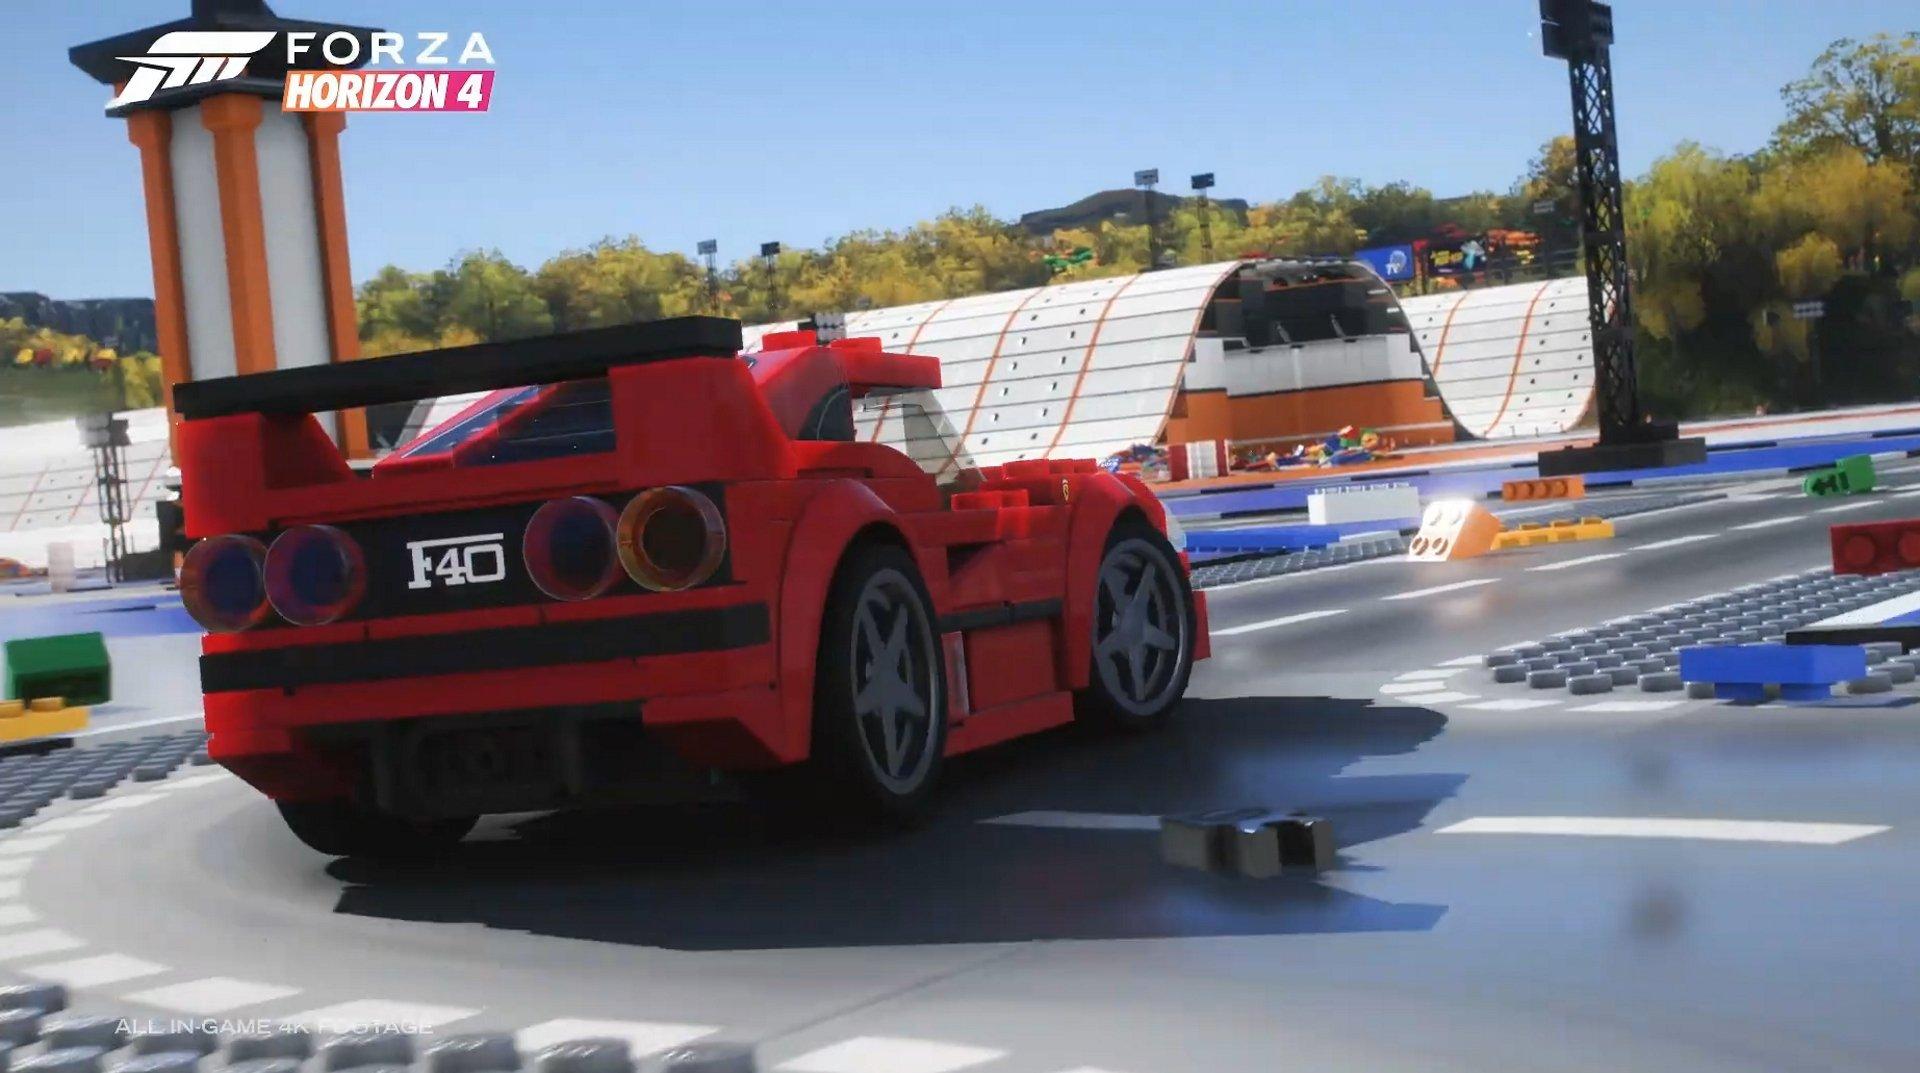 LEGO rejoint Forza Horizon 4 en tant que champion de vitesse